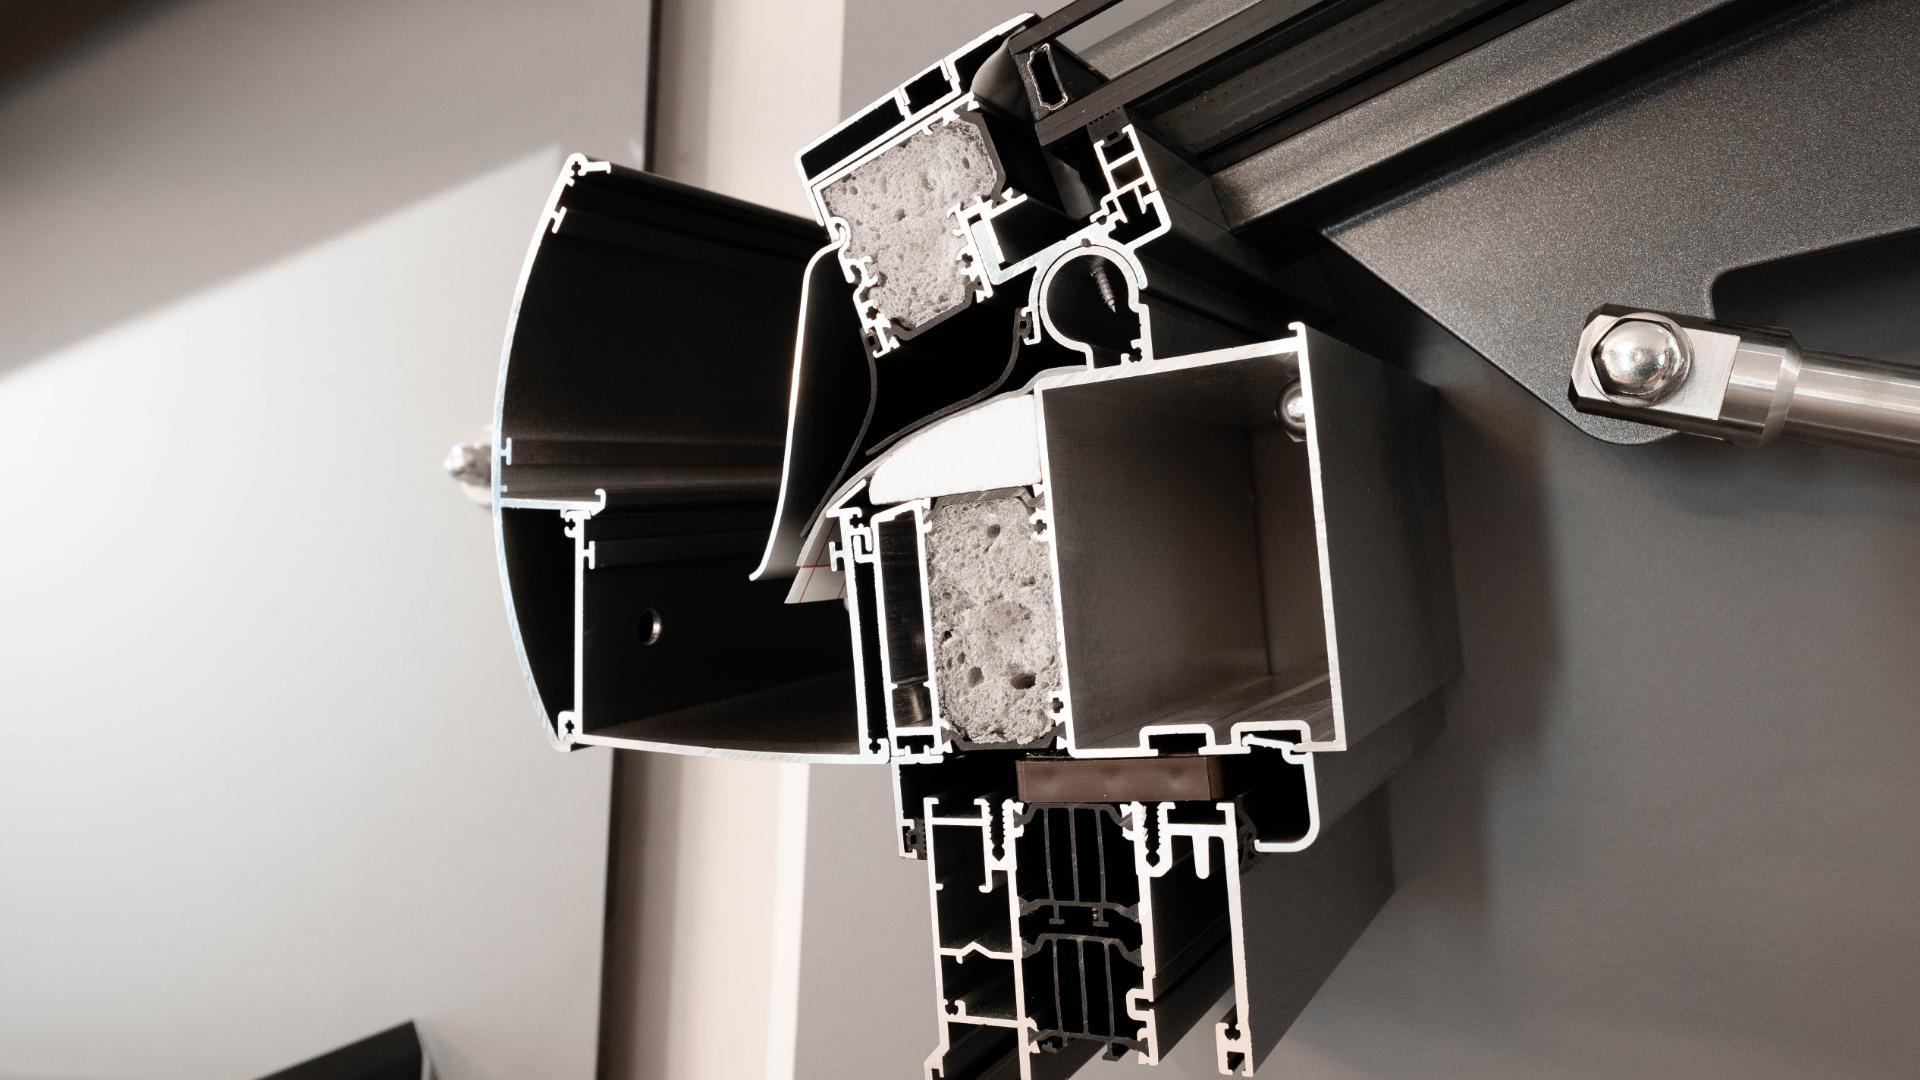 Dachsystem in der Ausstellung von Schirrle in Nürnberg